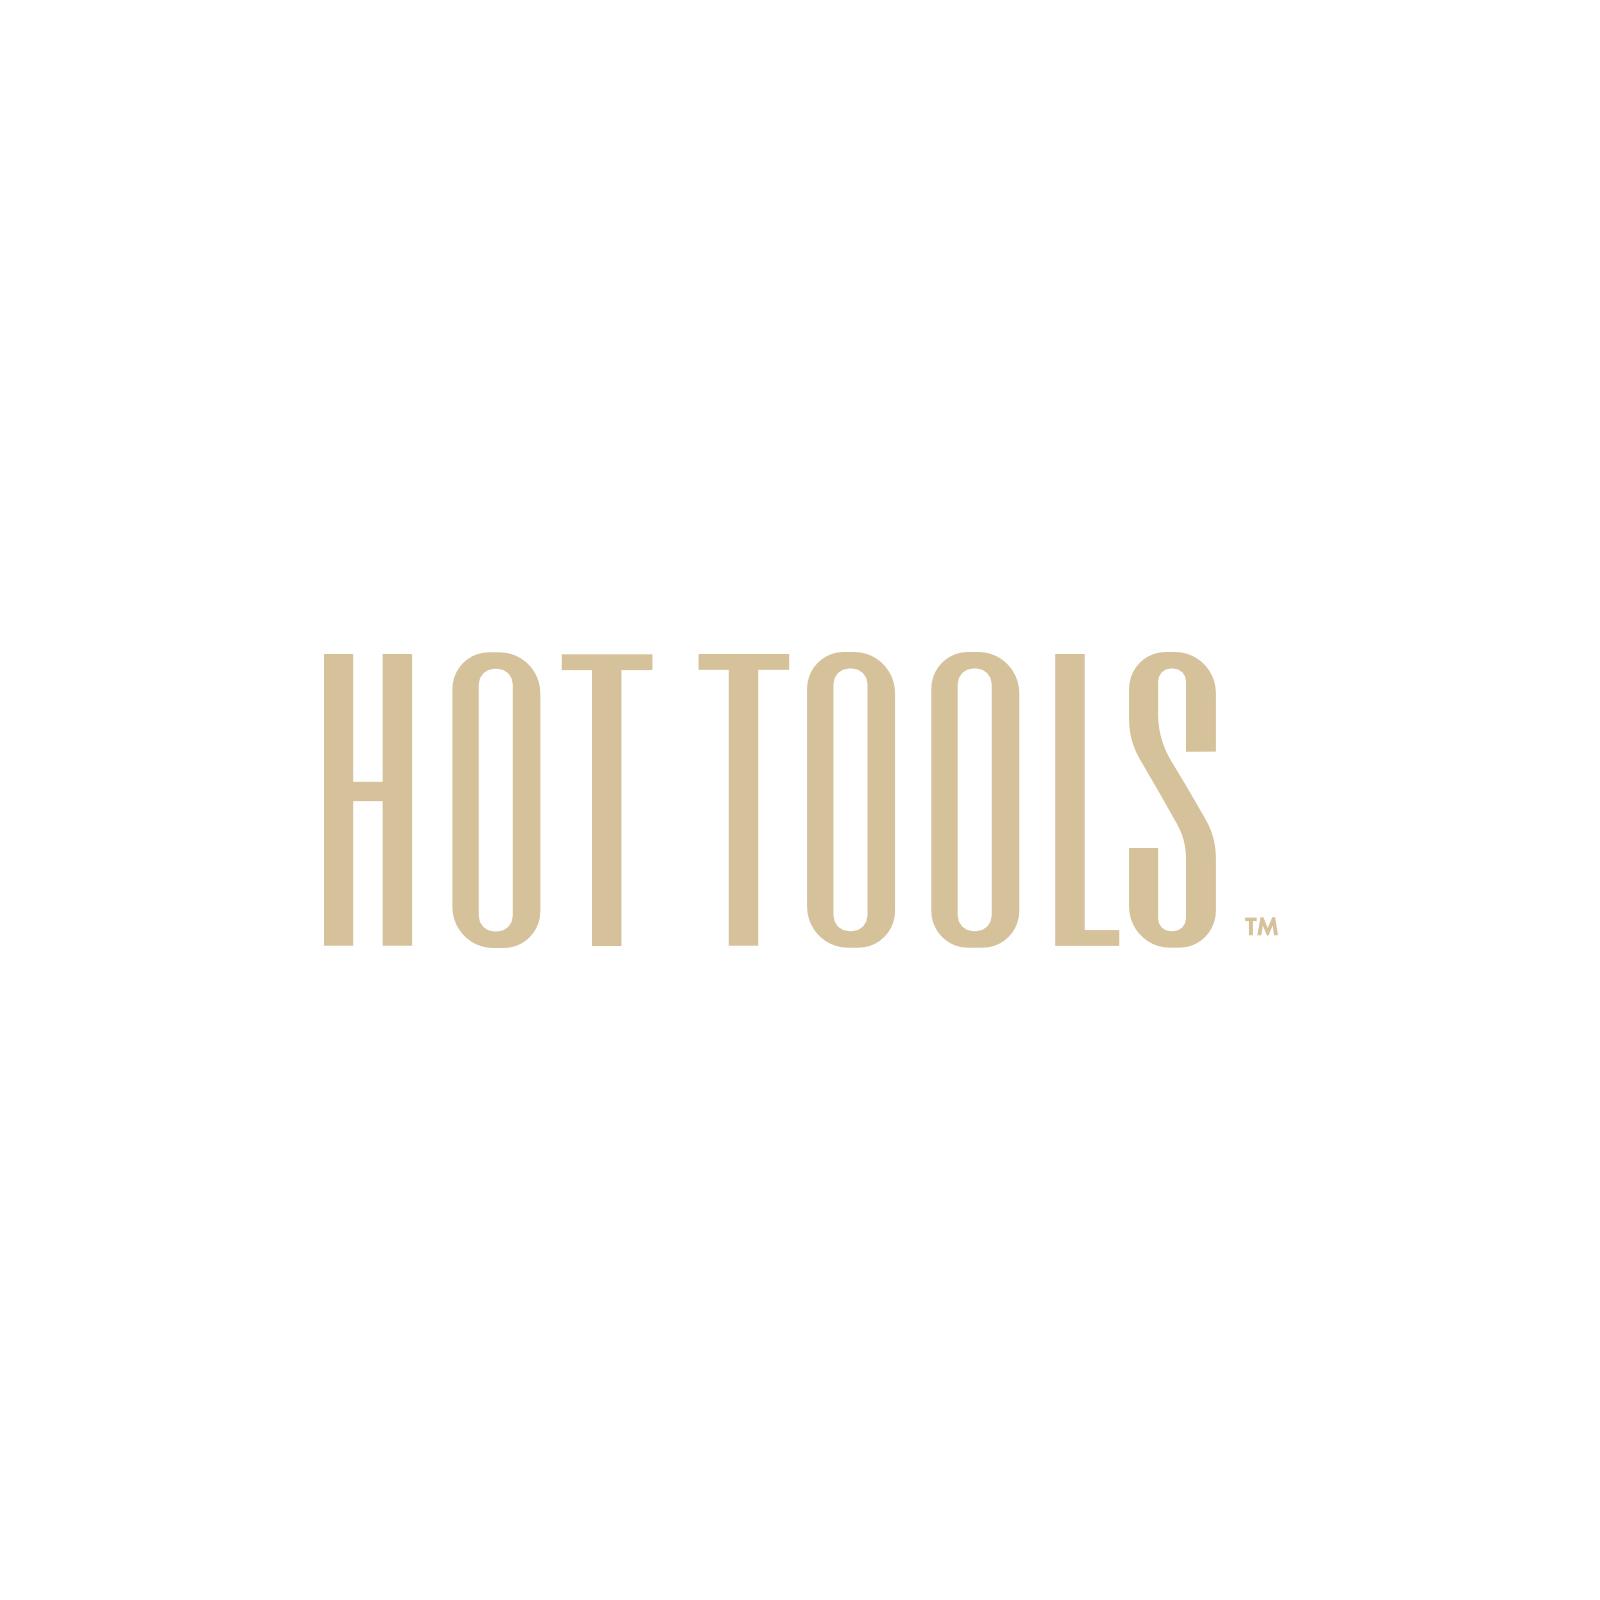 hot tools diffuser attachment